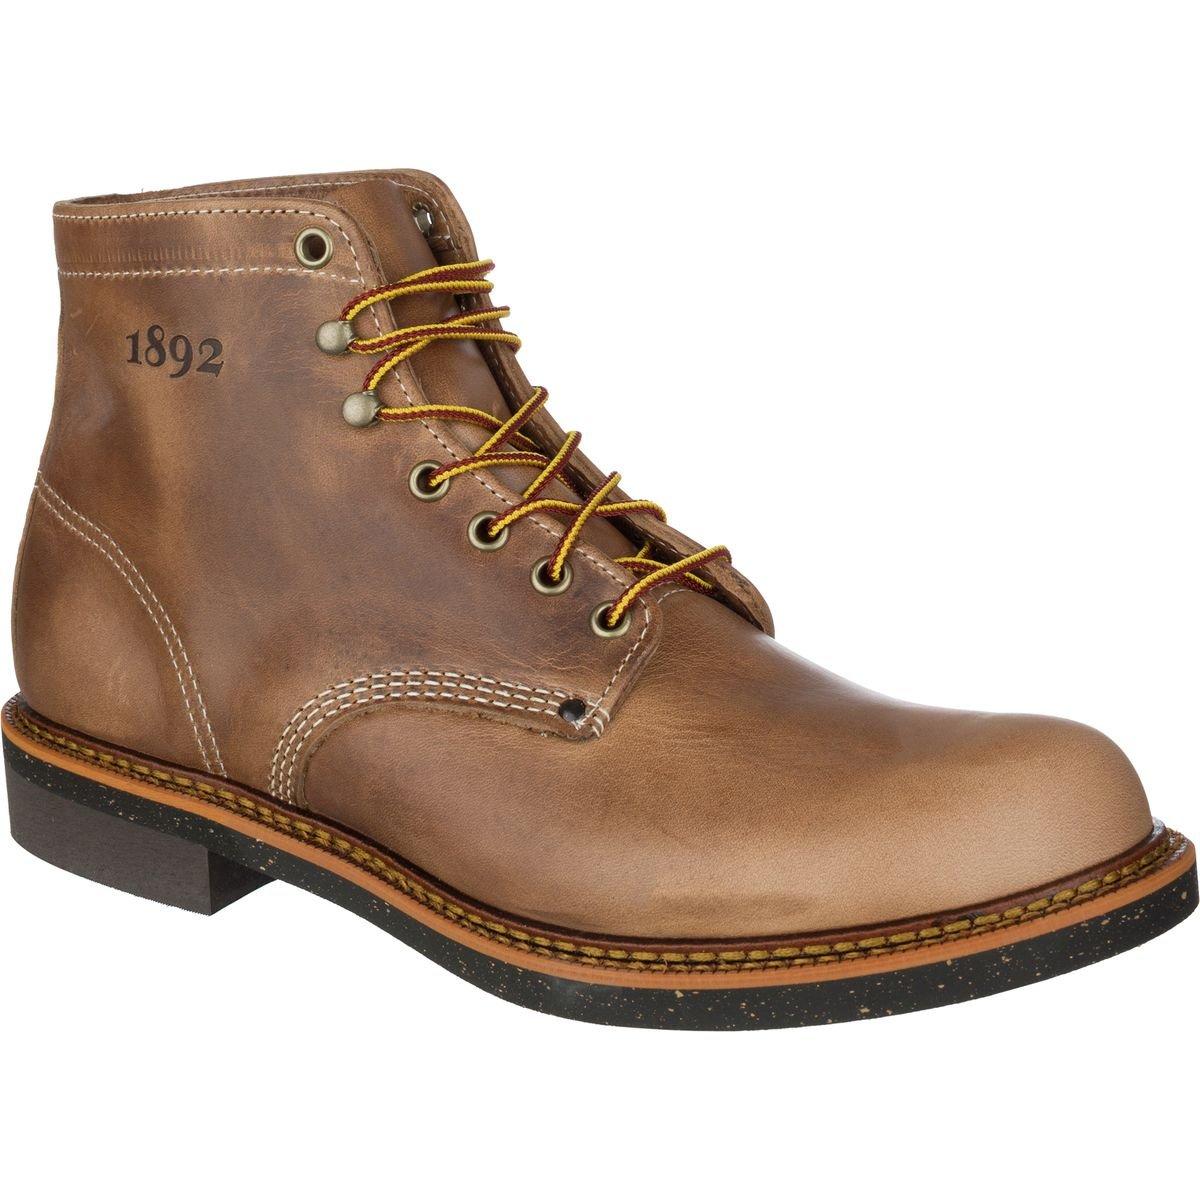 99dbd254d74 Thorogood Beloit Boot - Men's